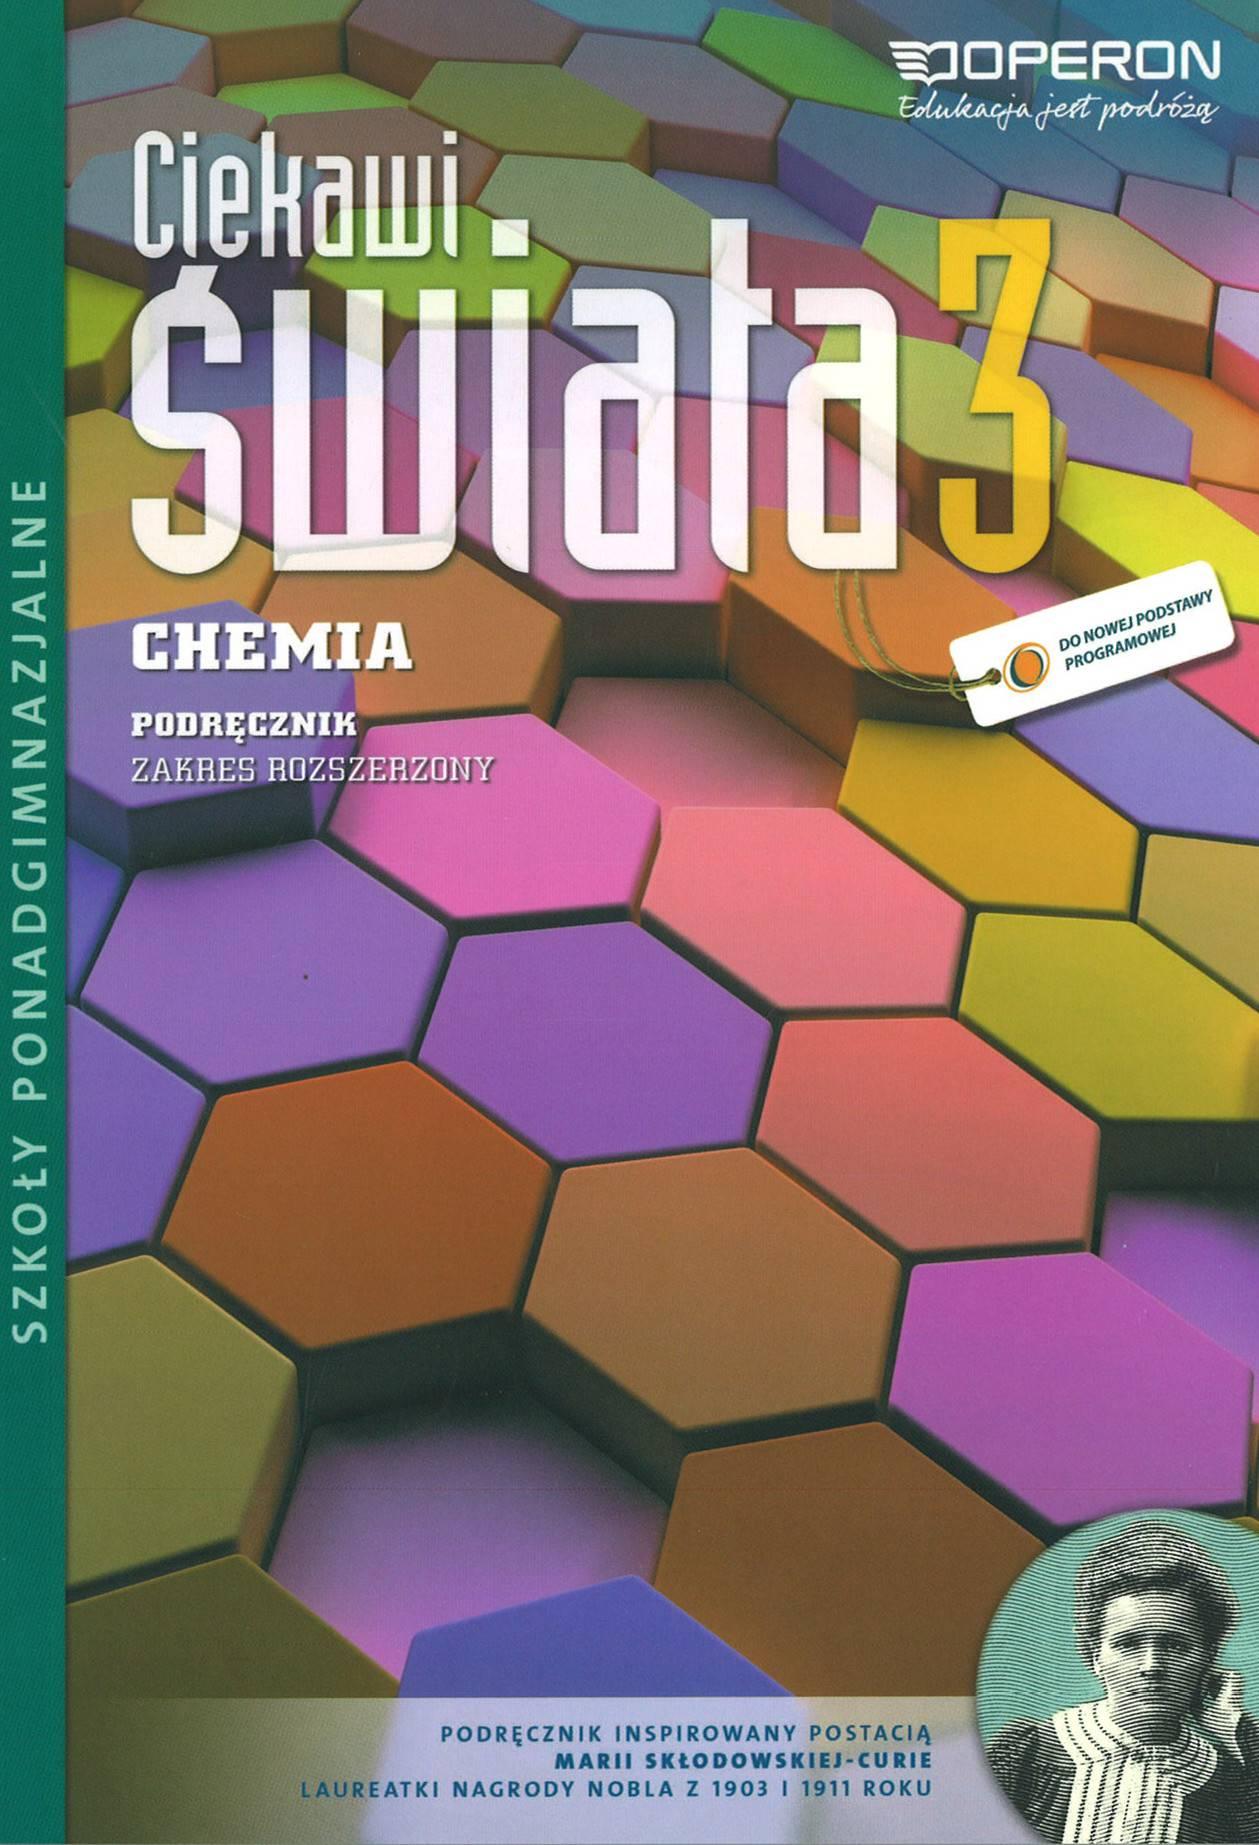 Ciekawi świata chemia część 3 szkoła średnia - podręcznik Zakres rozszerzony